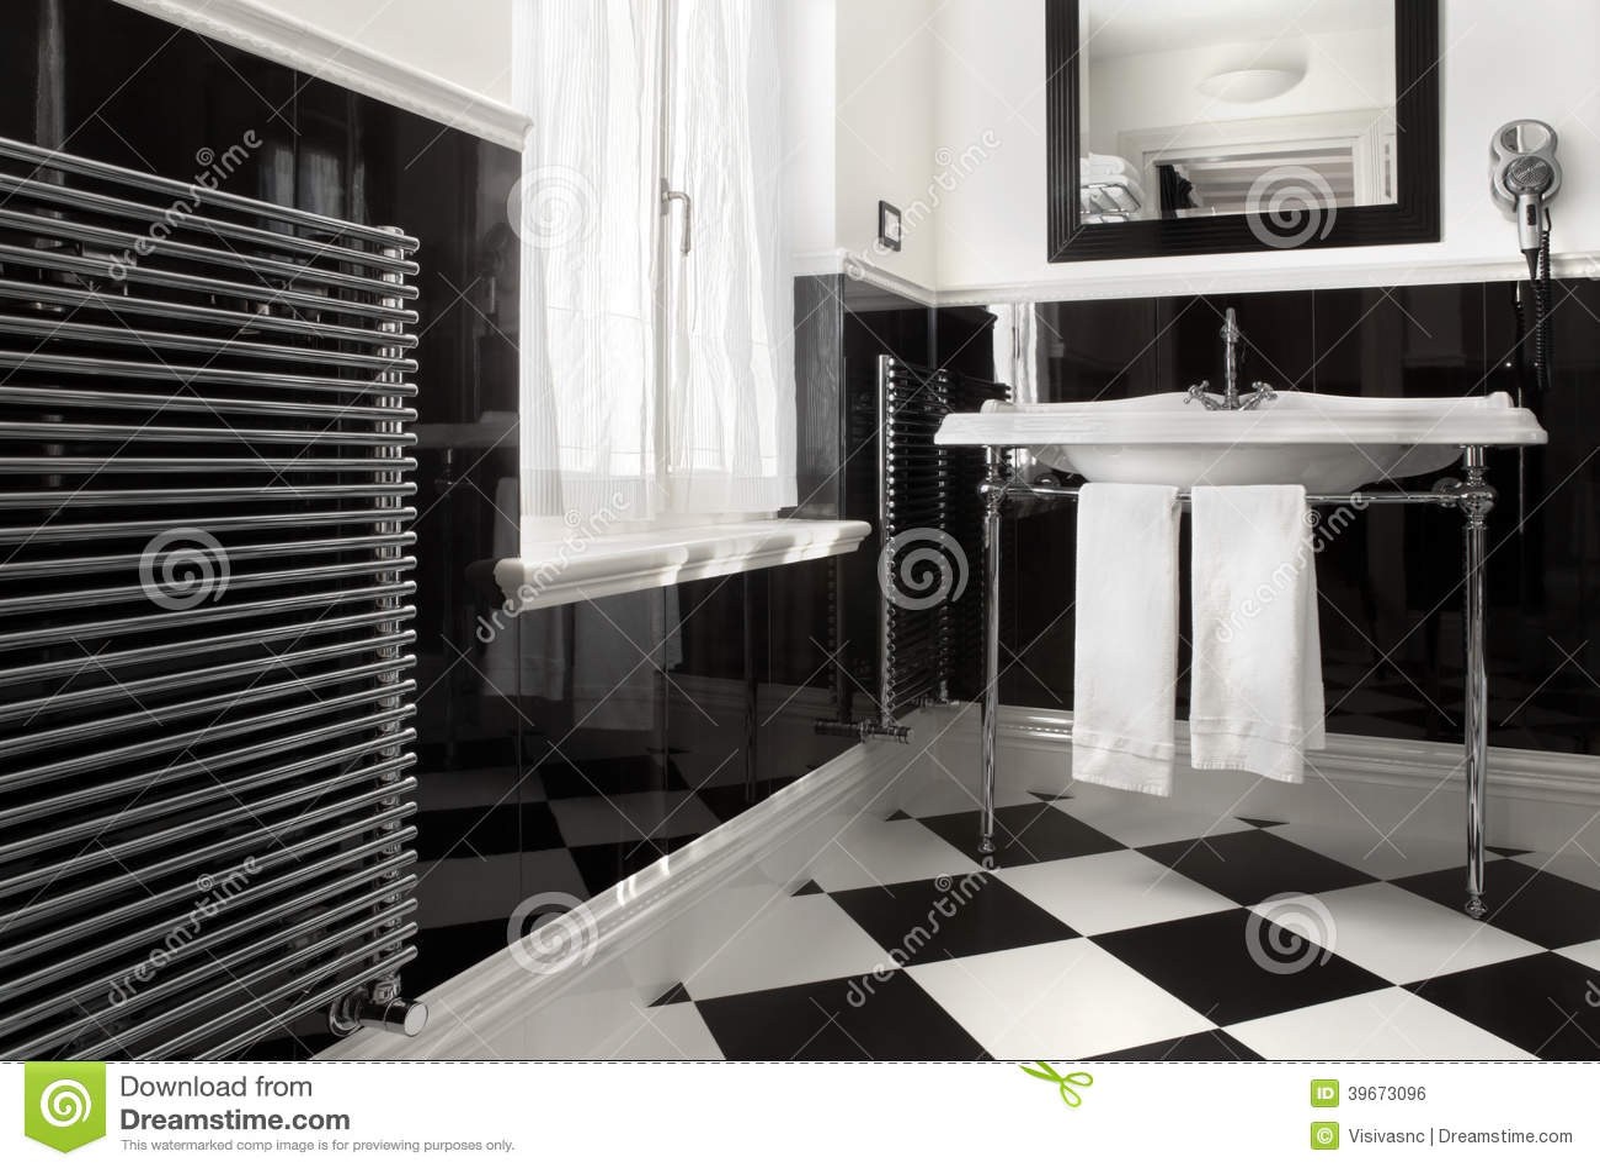 Colore in bianco e nero del bagno fotografia stock immagine di decorazione disegno 39673096 - Bagno bianco e nero ...